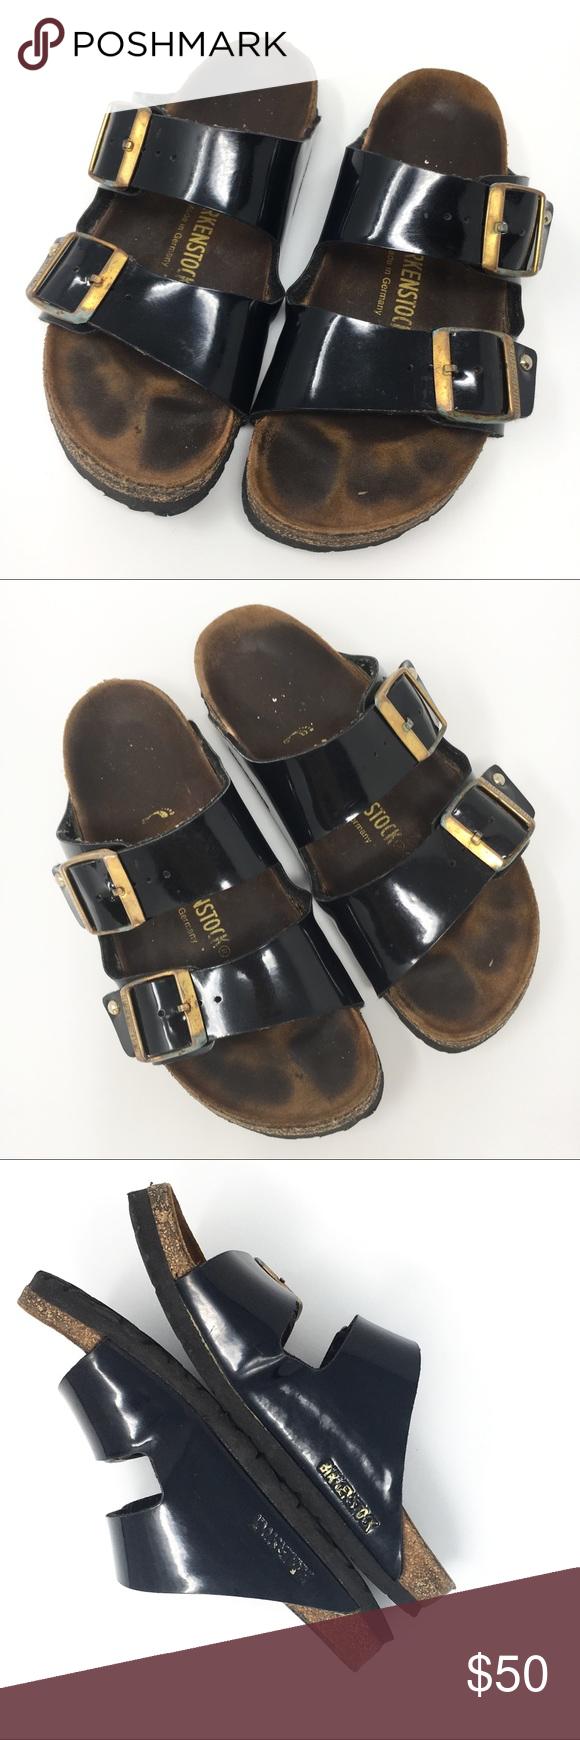 0dd5d95a9419 Birkenstock Arizona black patent two straps 37 Black patent Birkenstock  sandals